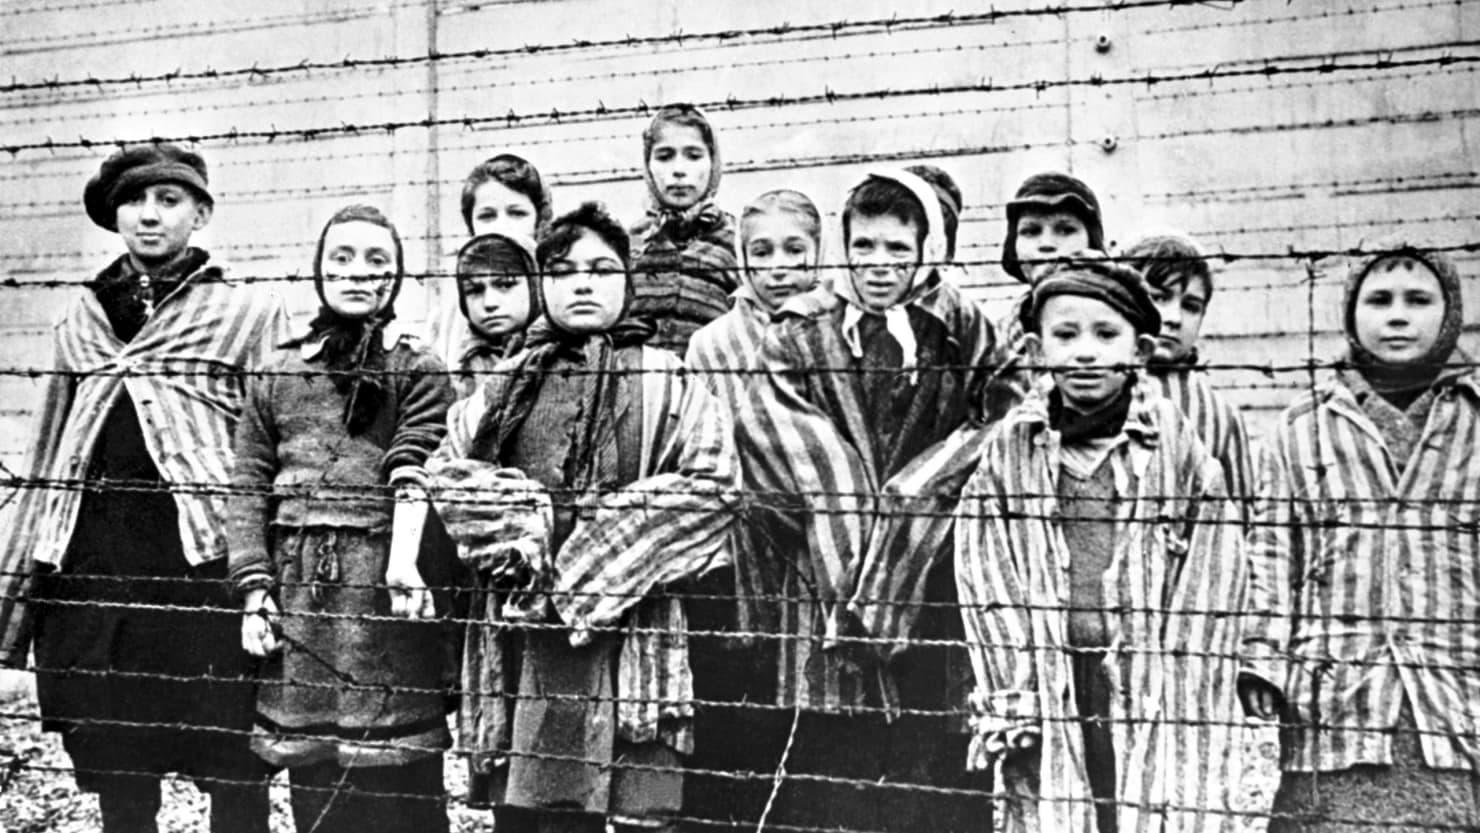 صورة لعدد من الأطفال اليهود داخل معسكر أوشفيتز للإبادة